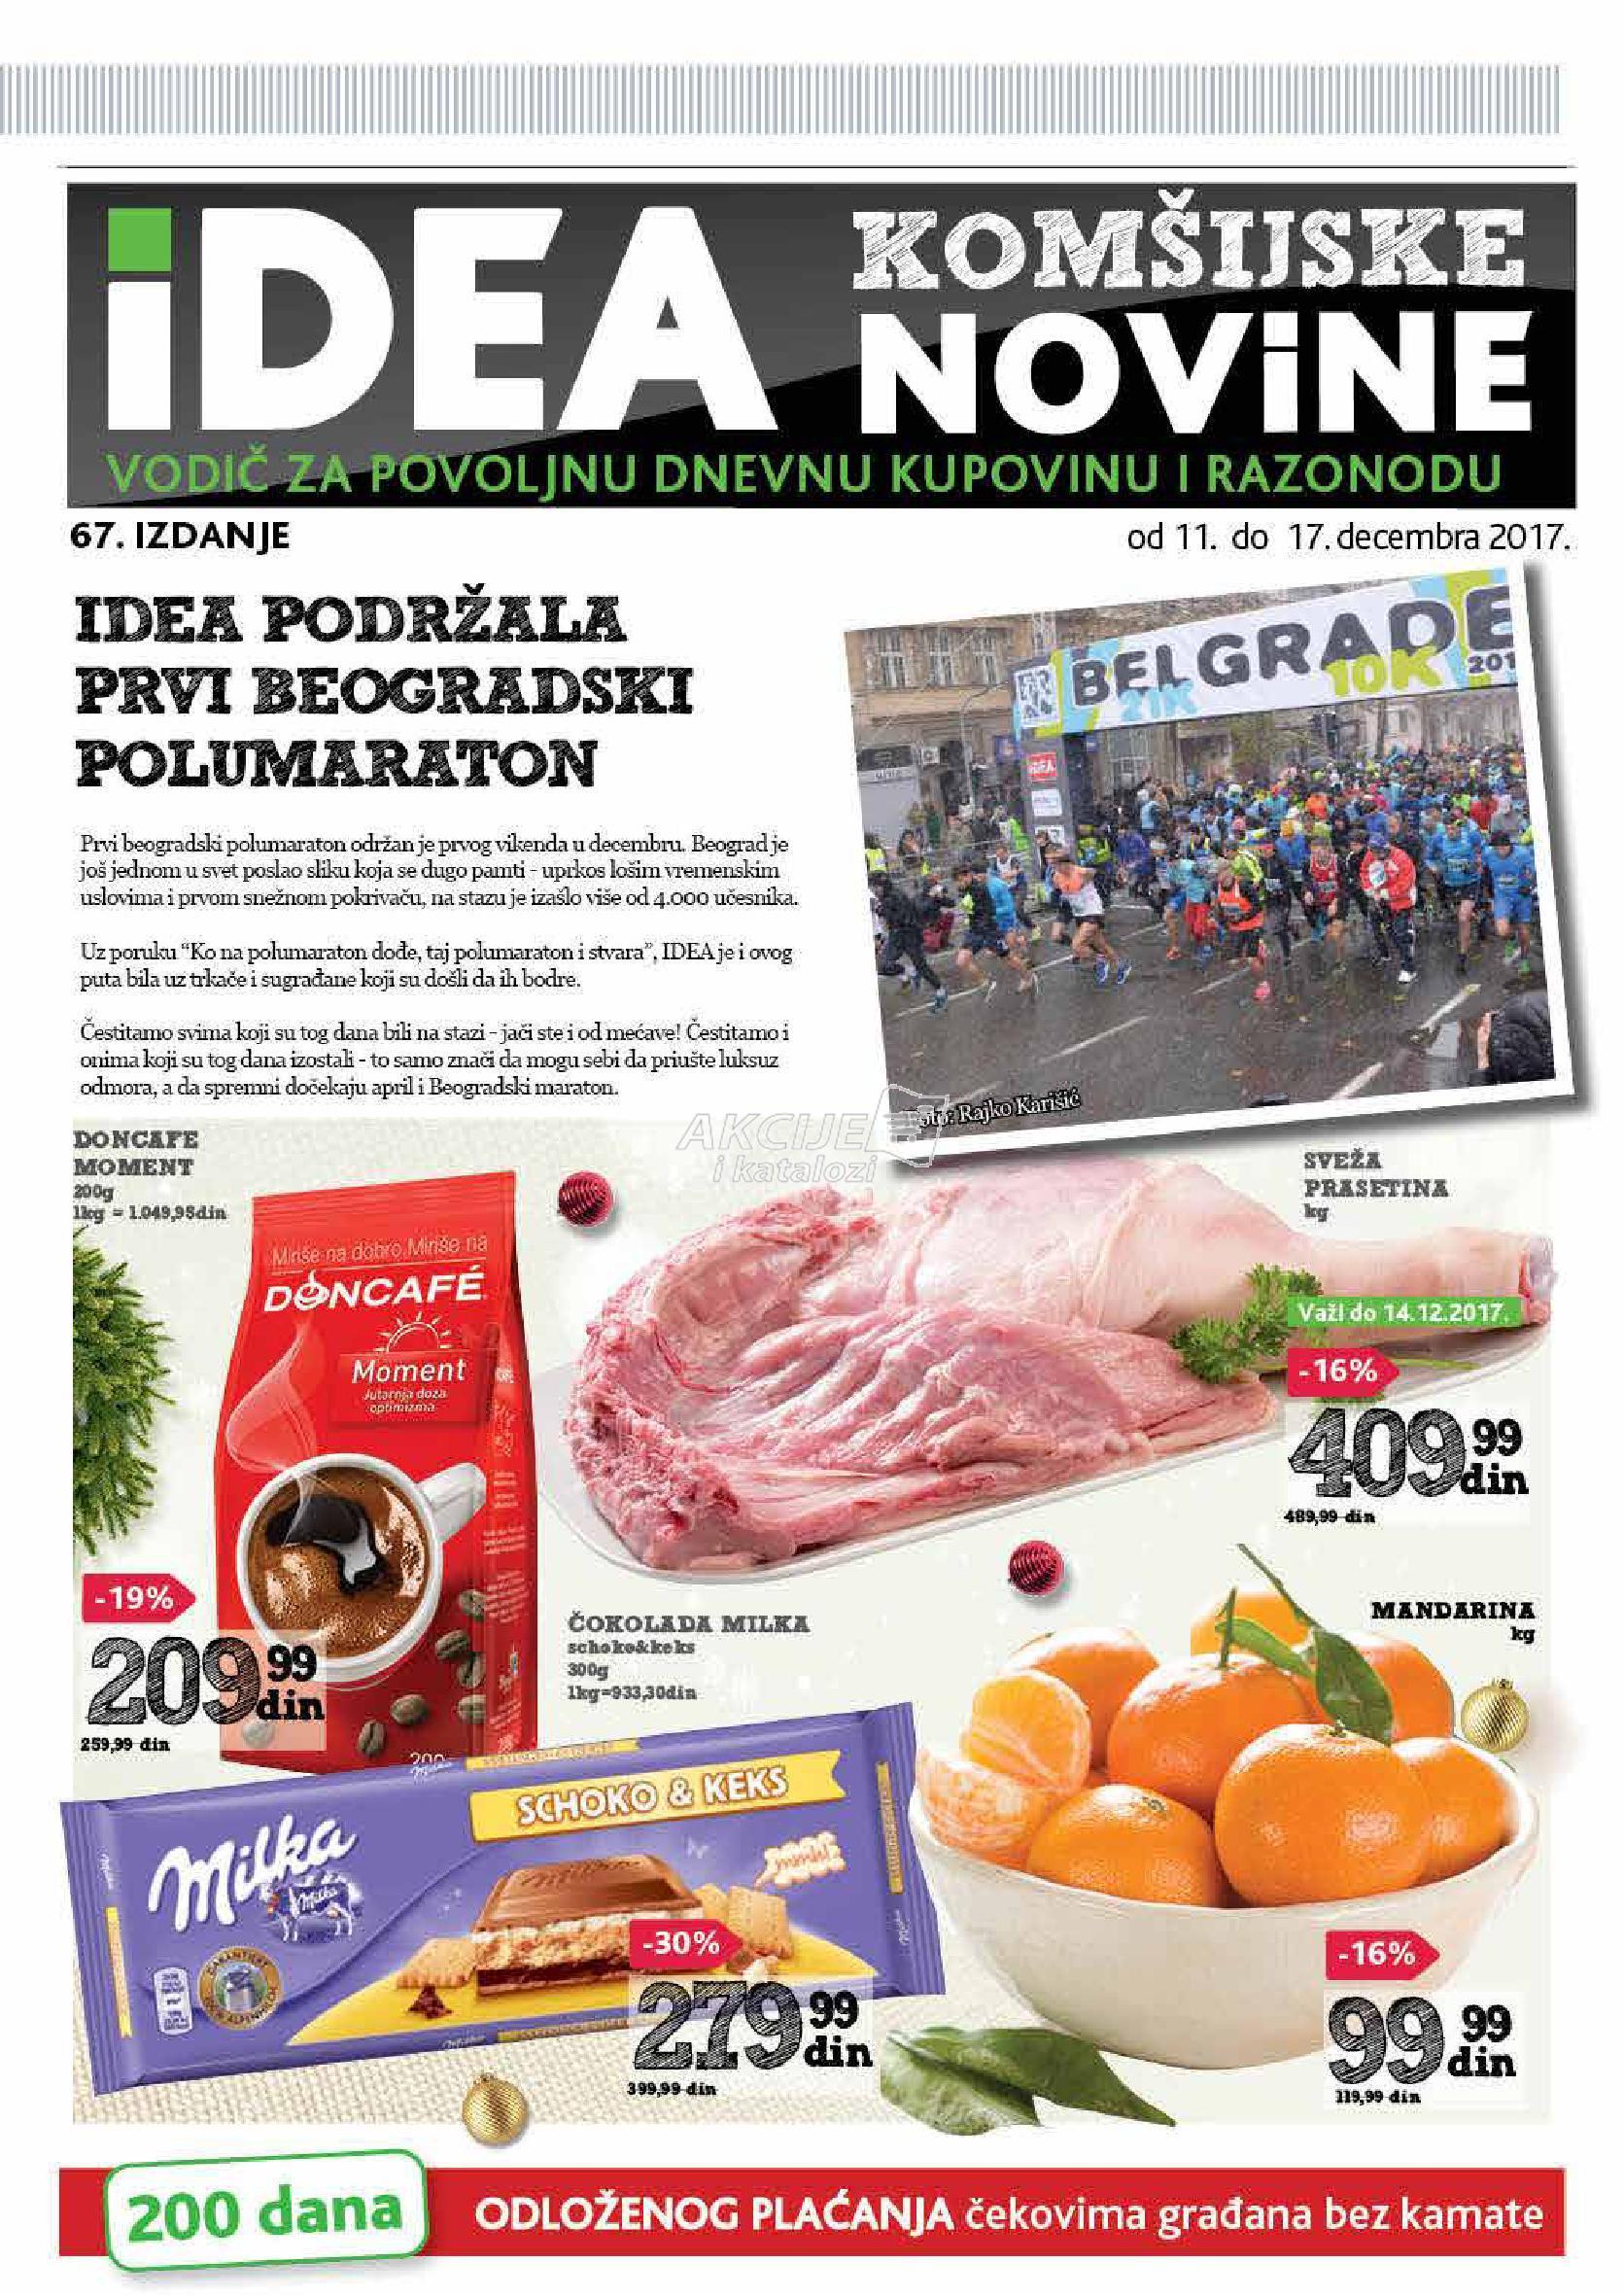 Idea - Redovna akcija beogradske novine